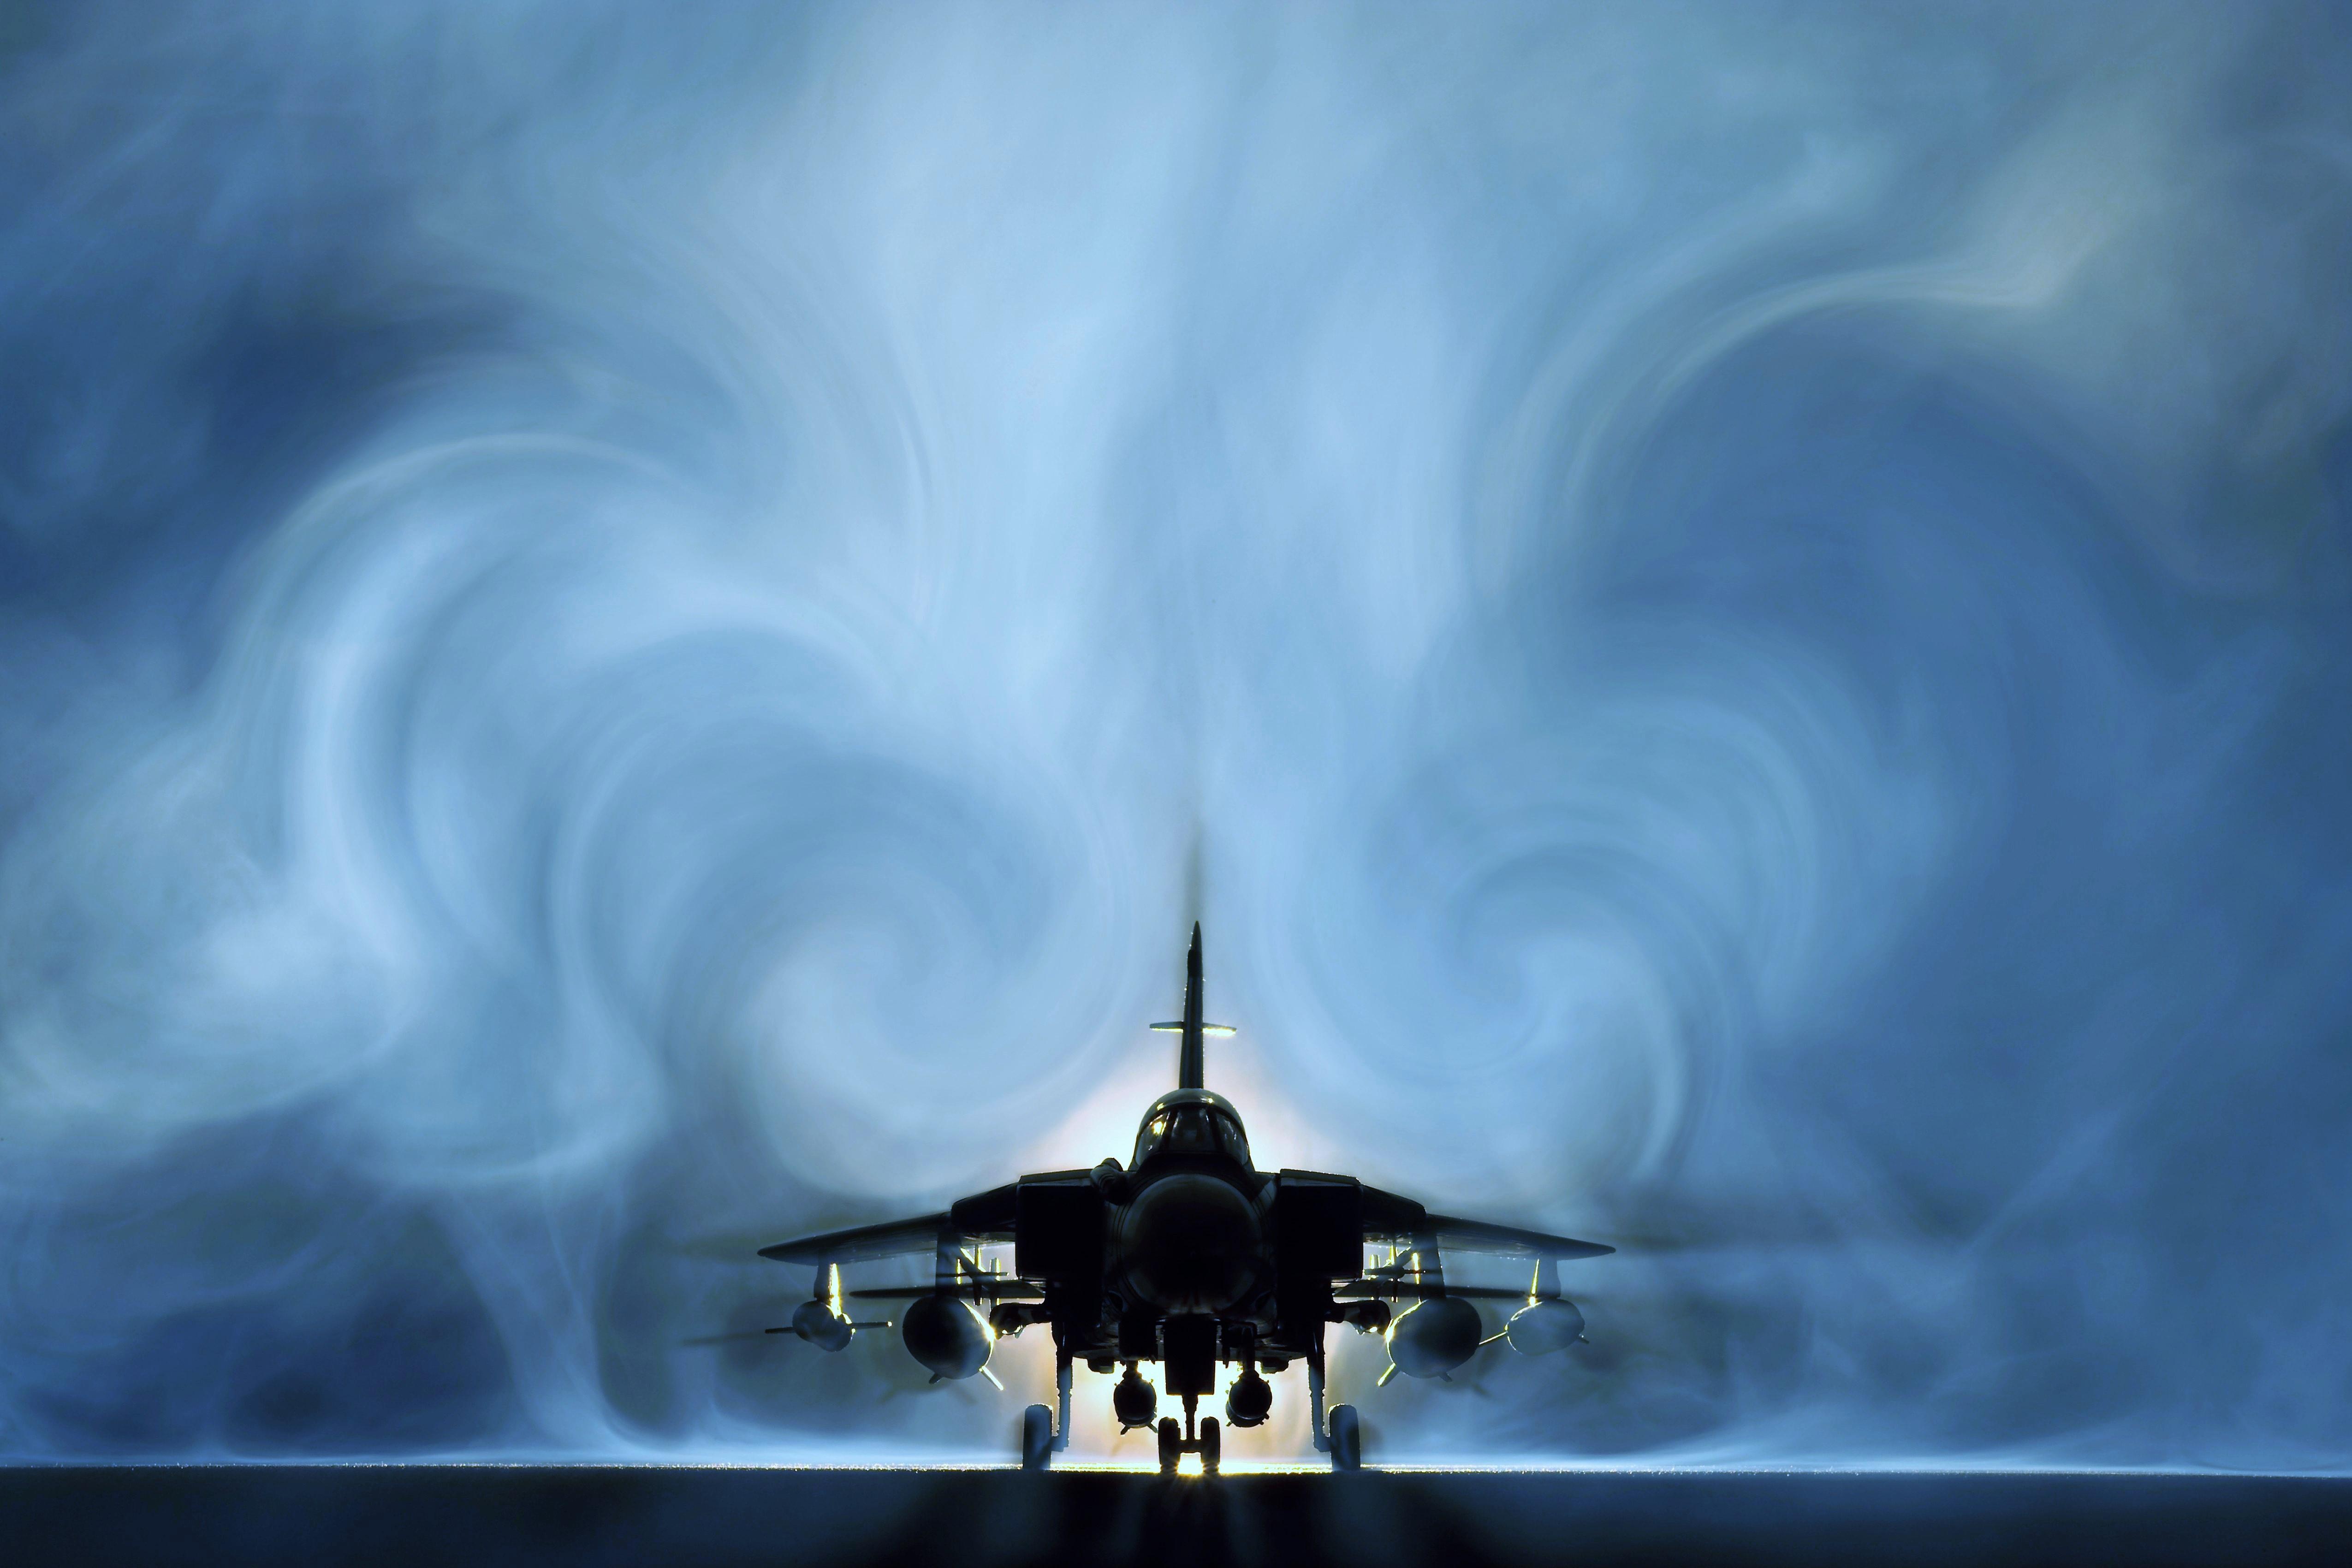 AeroDynamics Metal Finishing Fighter Jet header image